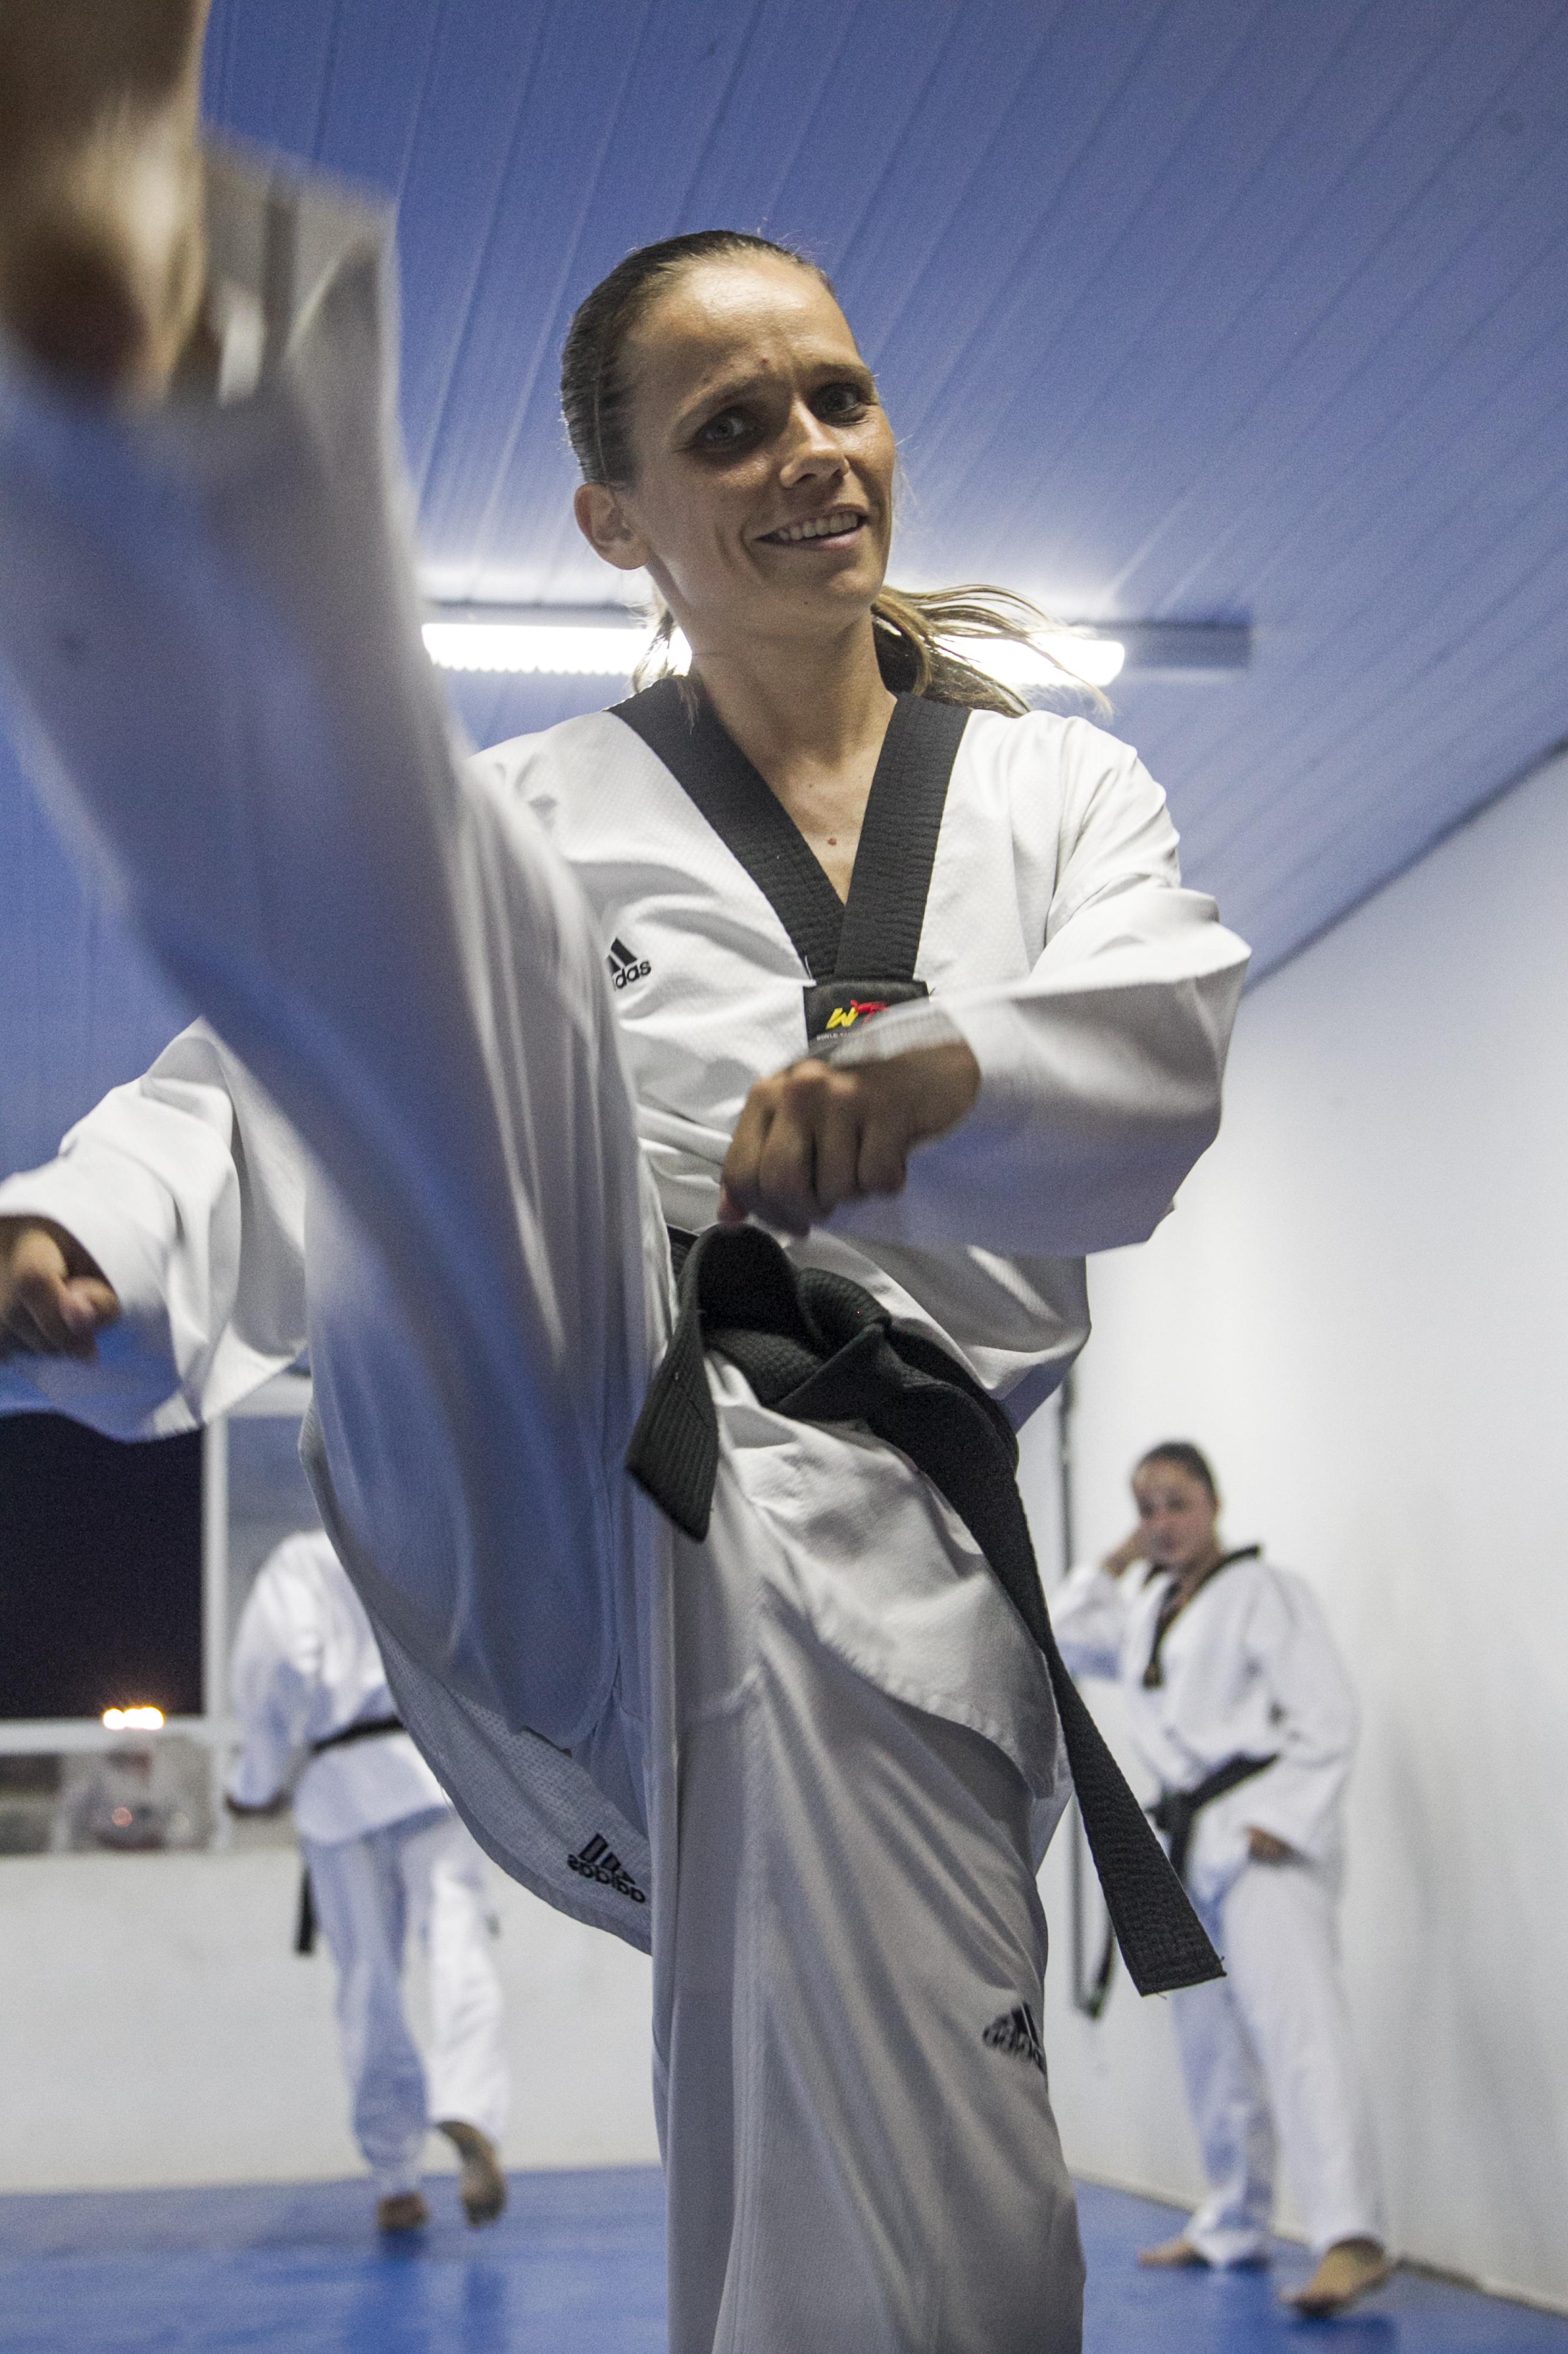 Alessandra Trevisan foi bronze no Sul-Americano em 2015 e participou da seletiva para a Rio 2016 - Marco Santiago/ND